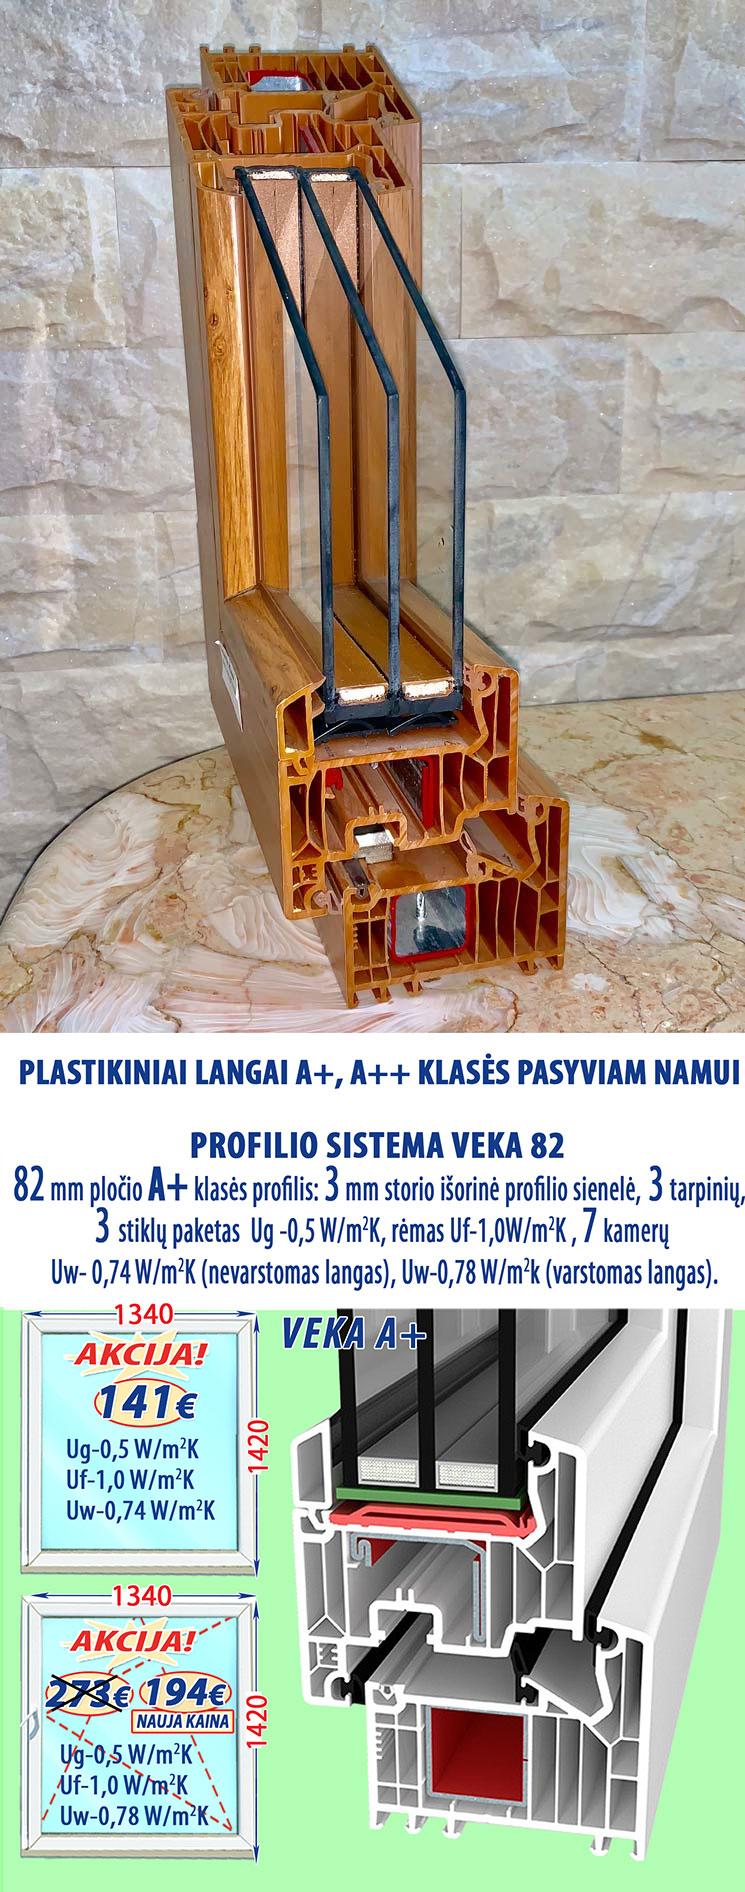 plastikiniai_langai_kaina_veka82-5